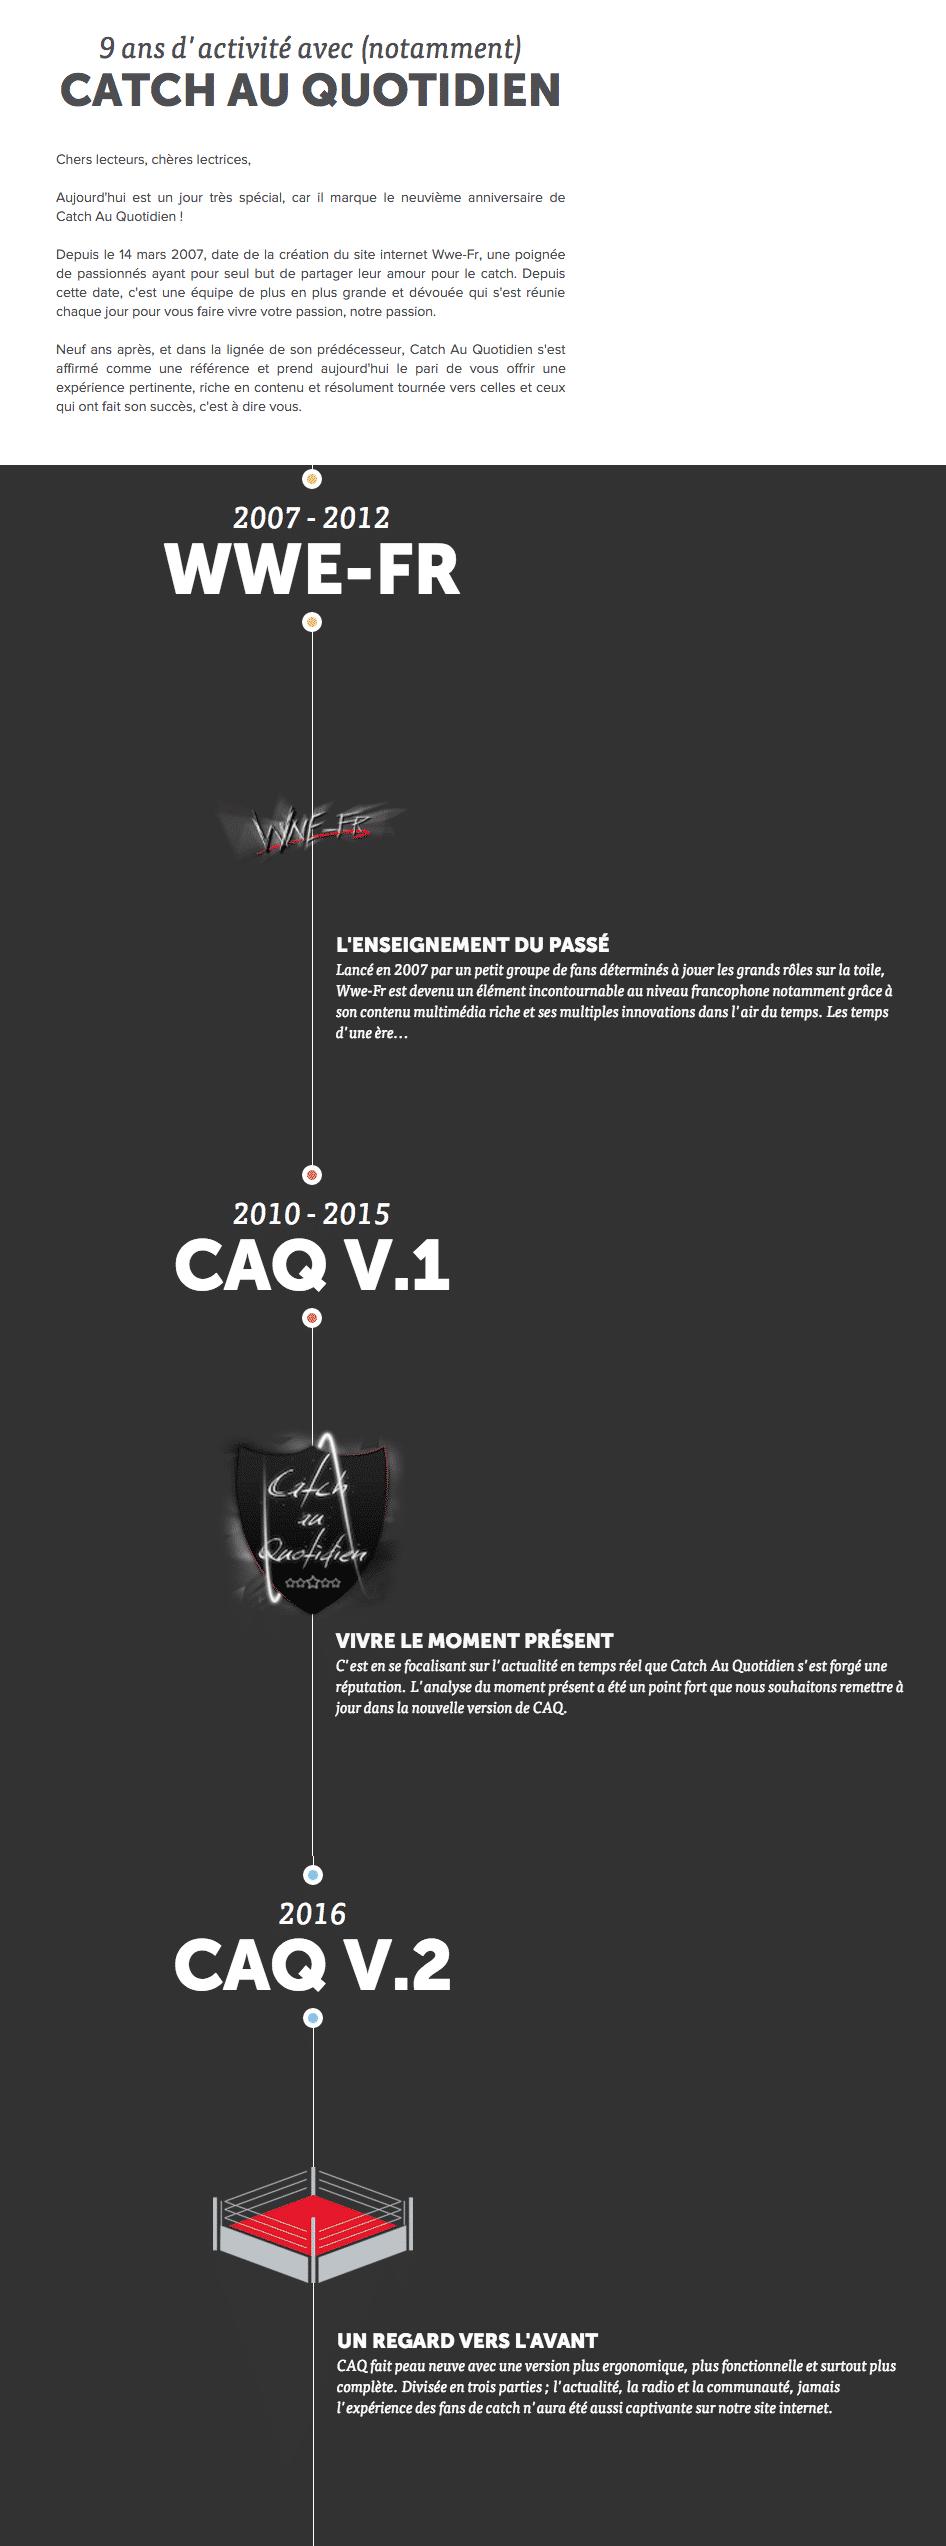 Infographie CAQ V.2